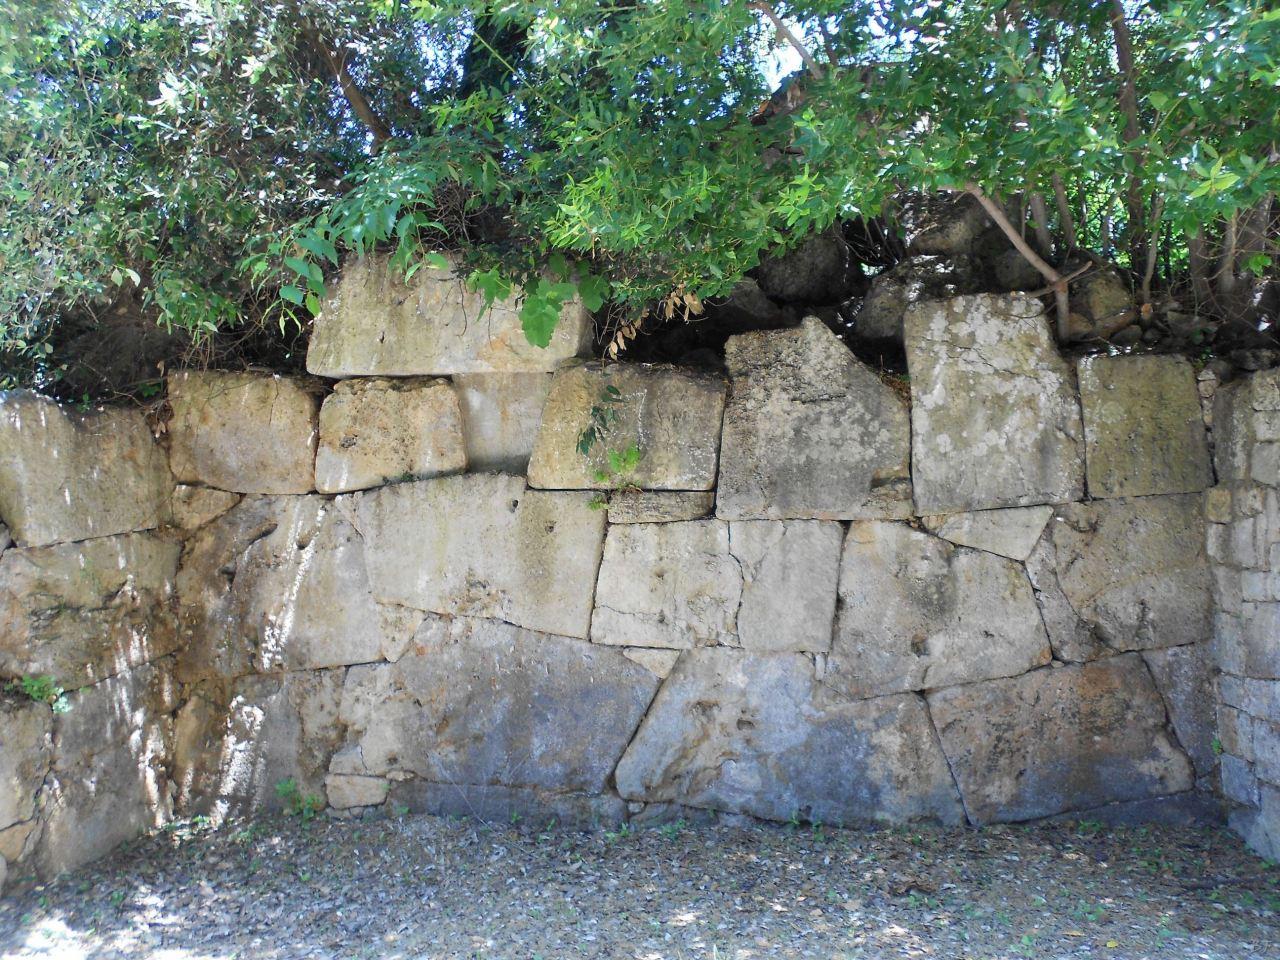 Cosa-Mura-Megalitiche-Ansedonia-Grosseto-Toscana-Italia-32